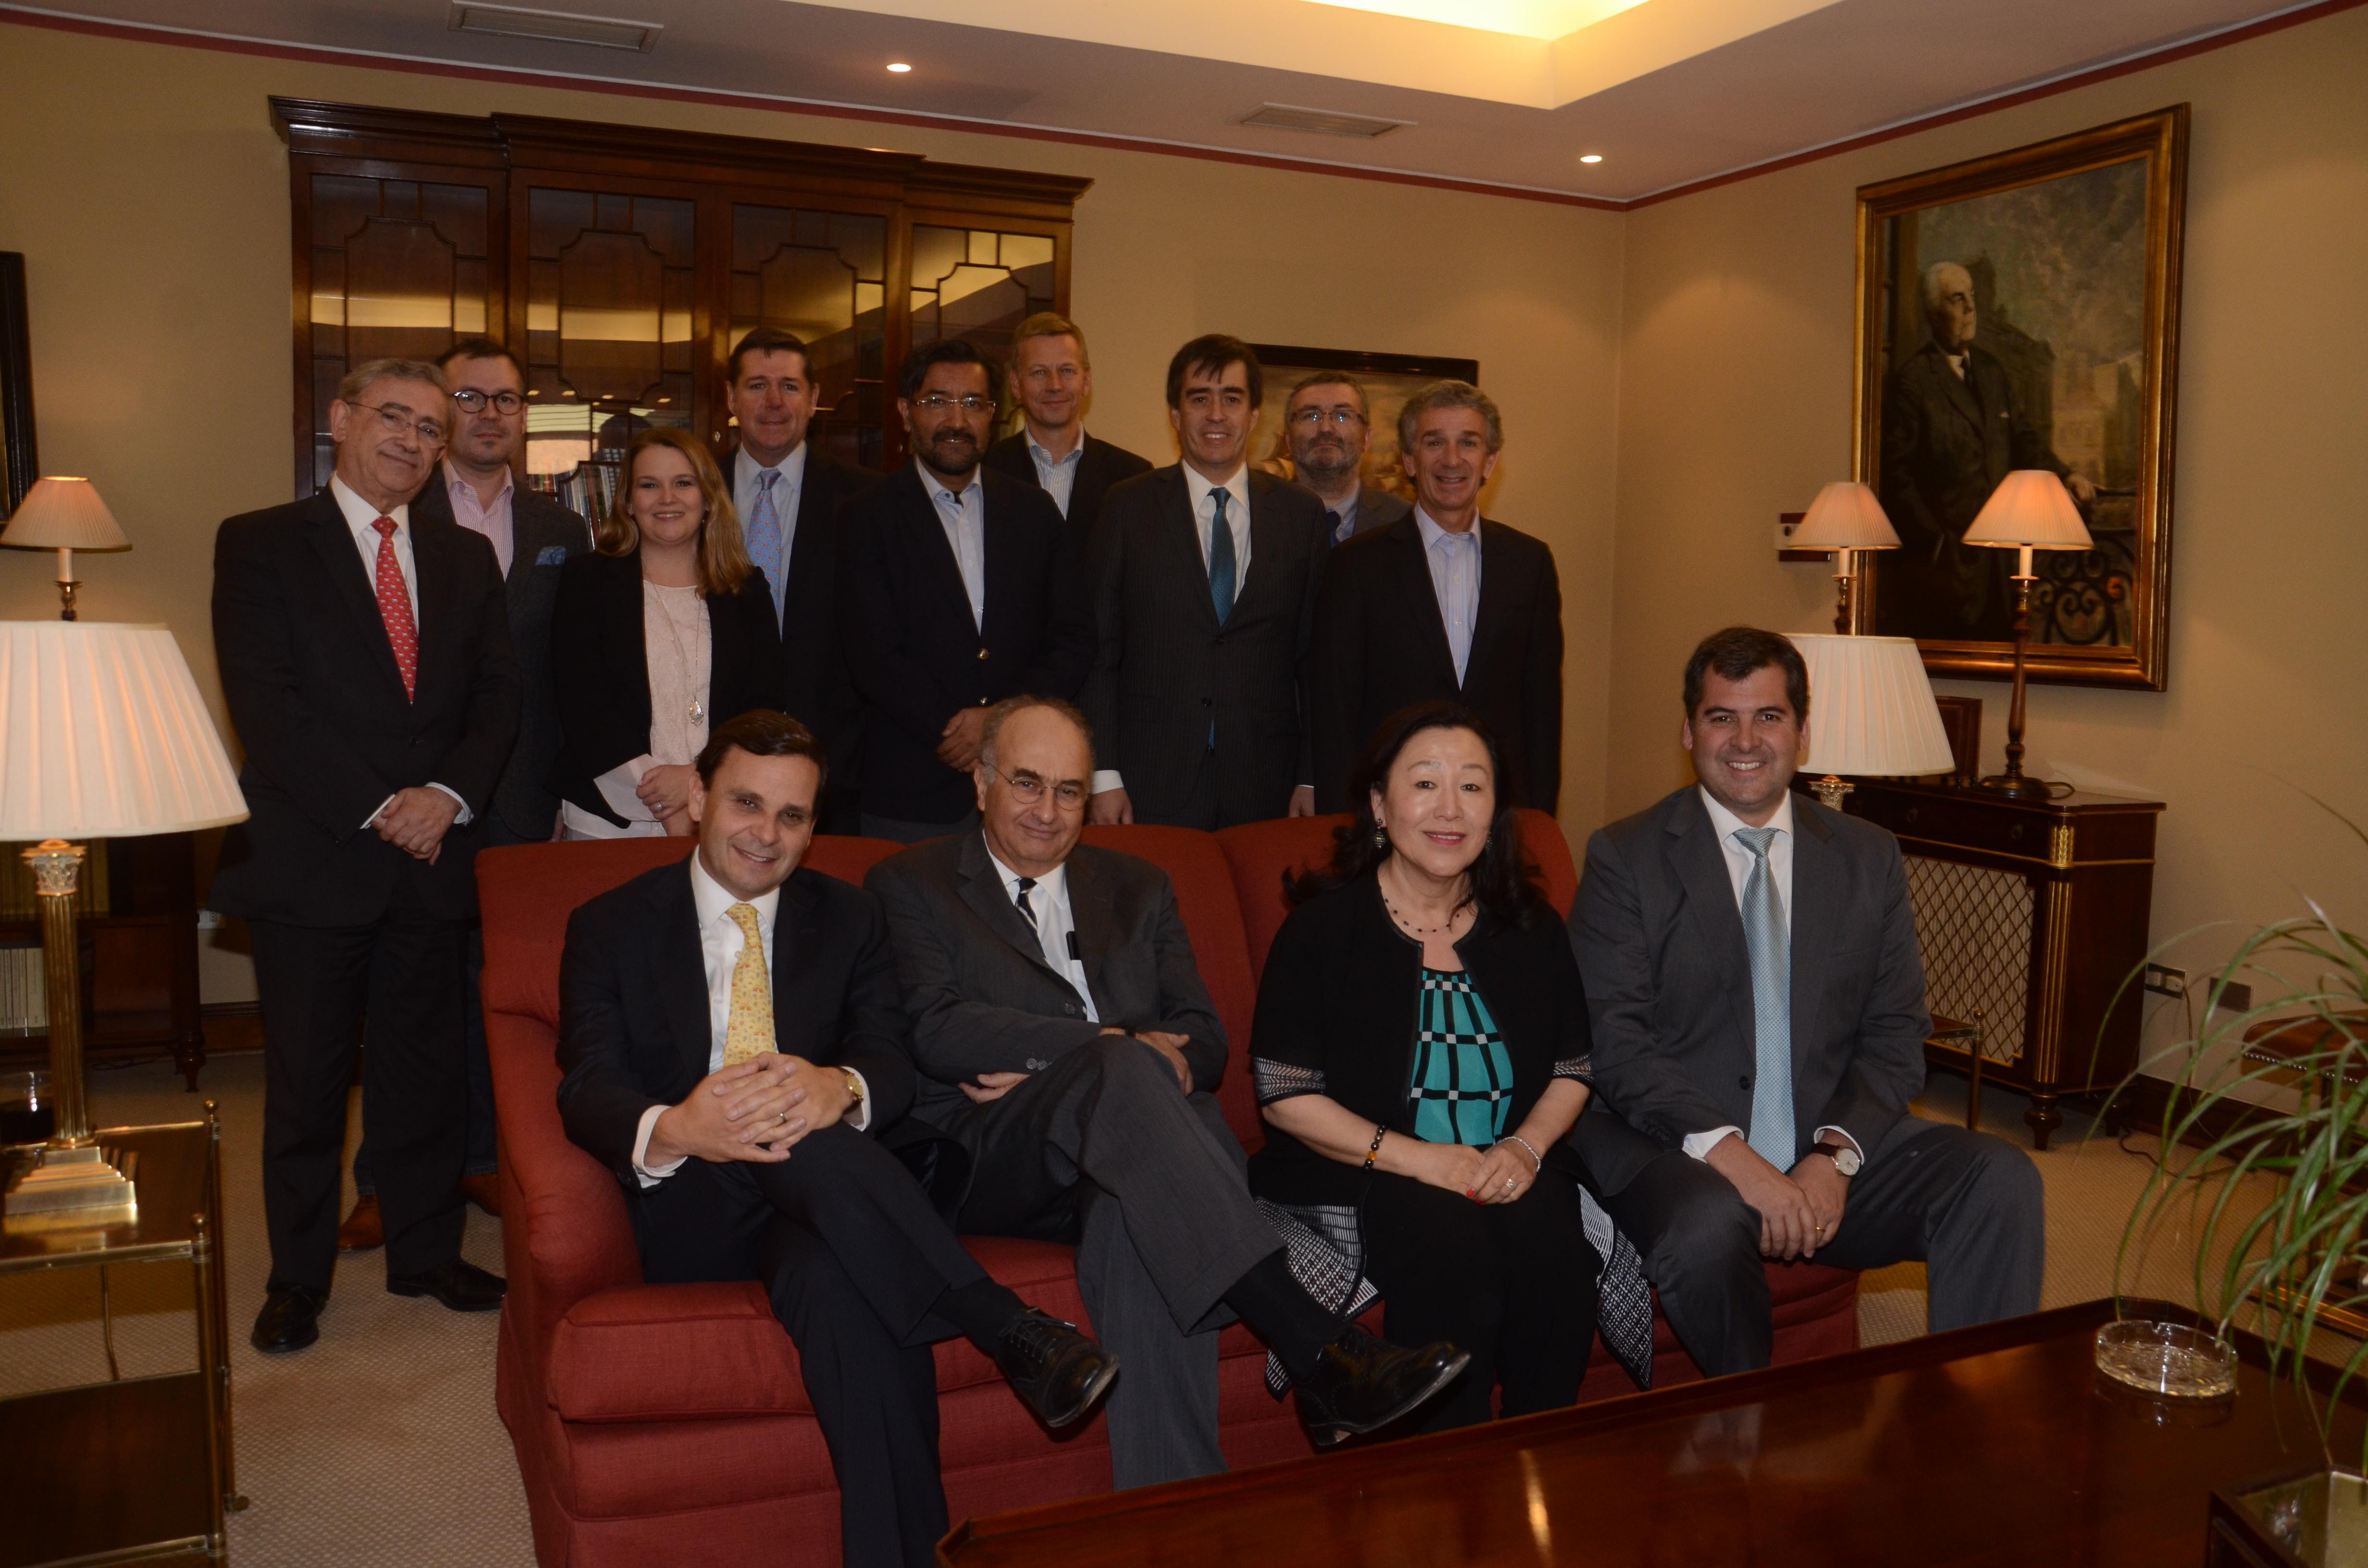 Tae Yoo, Vicepresidenta Senior de Cisco Global, invitada especial a Reunión País Digital